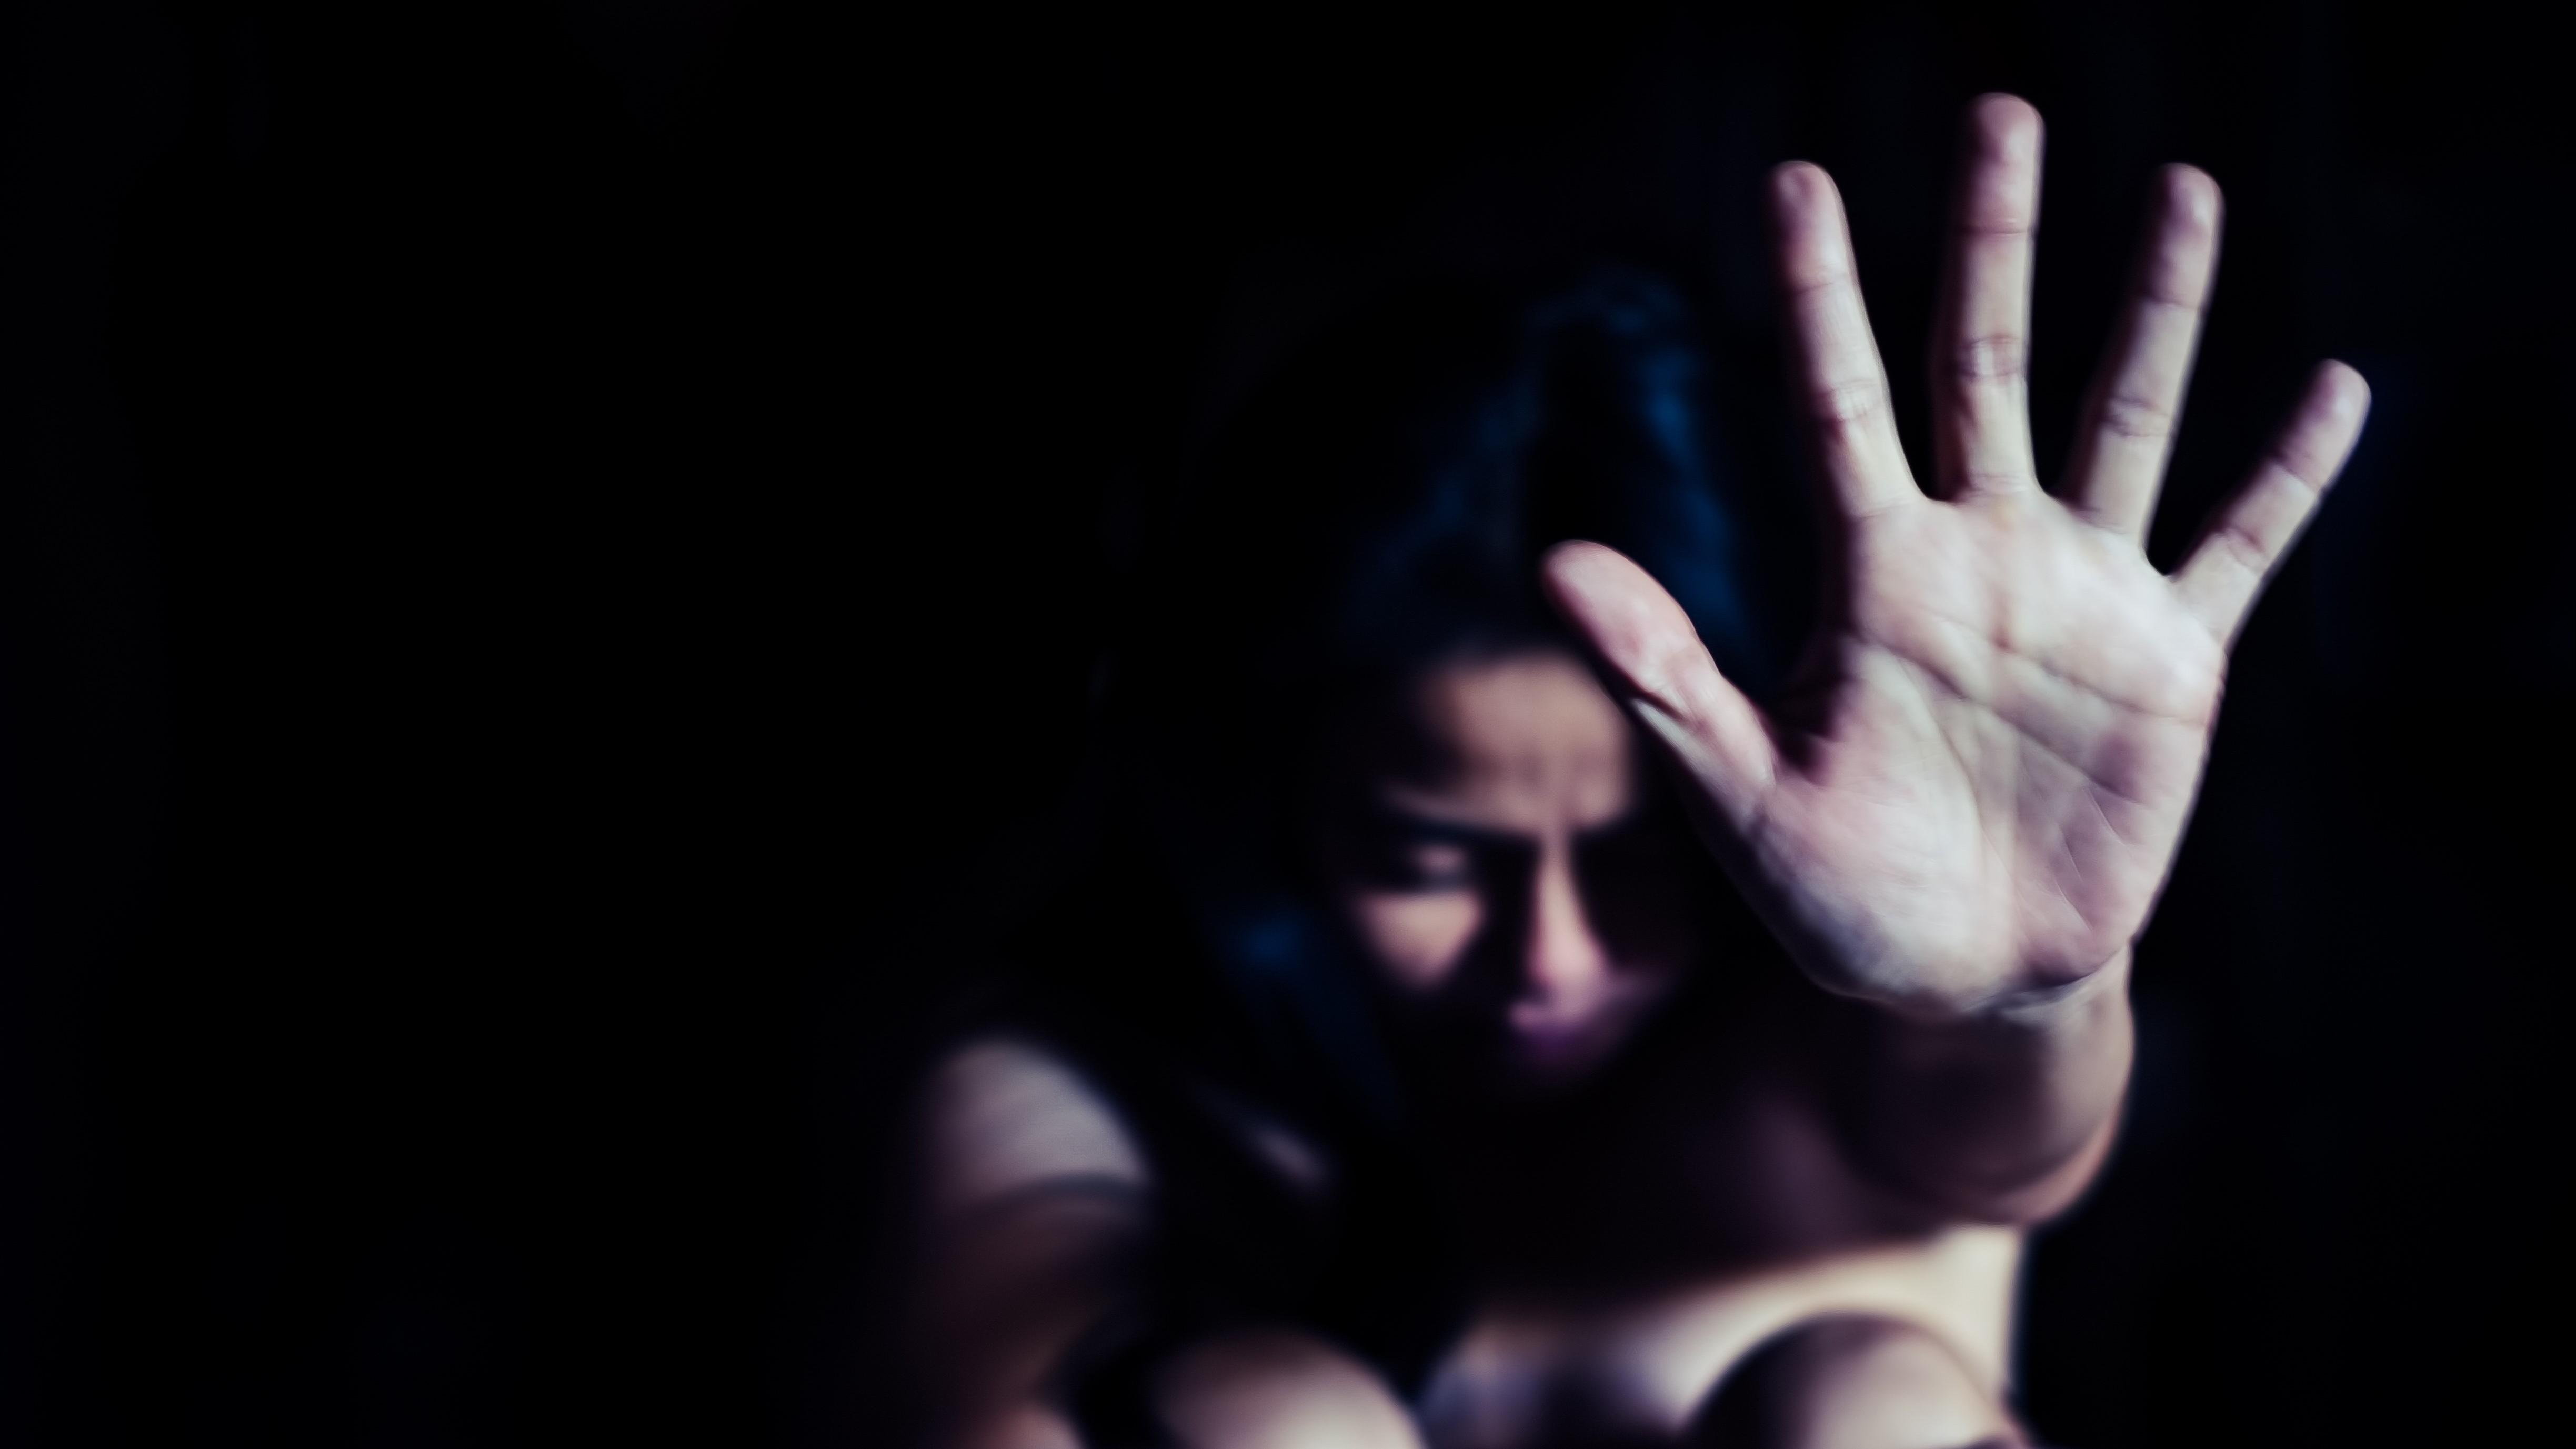 Will werden vergewaltigt ich unbedingt Dreckspack. Ich